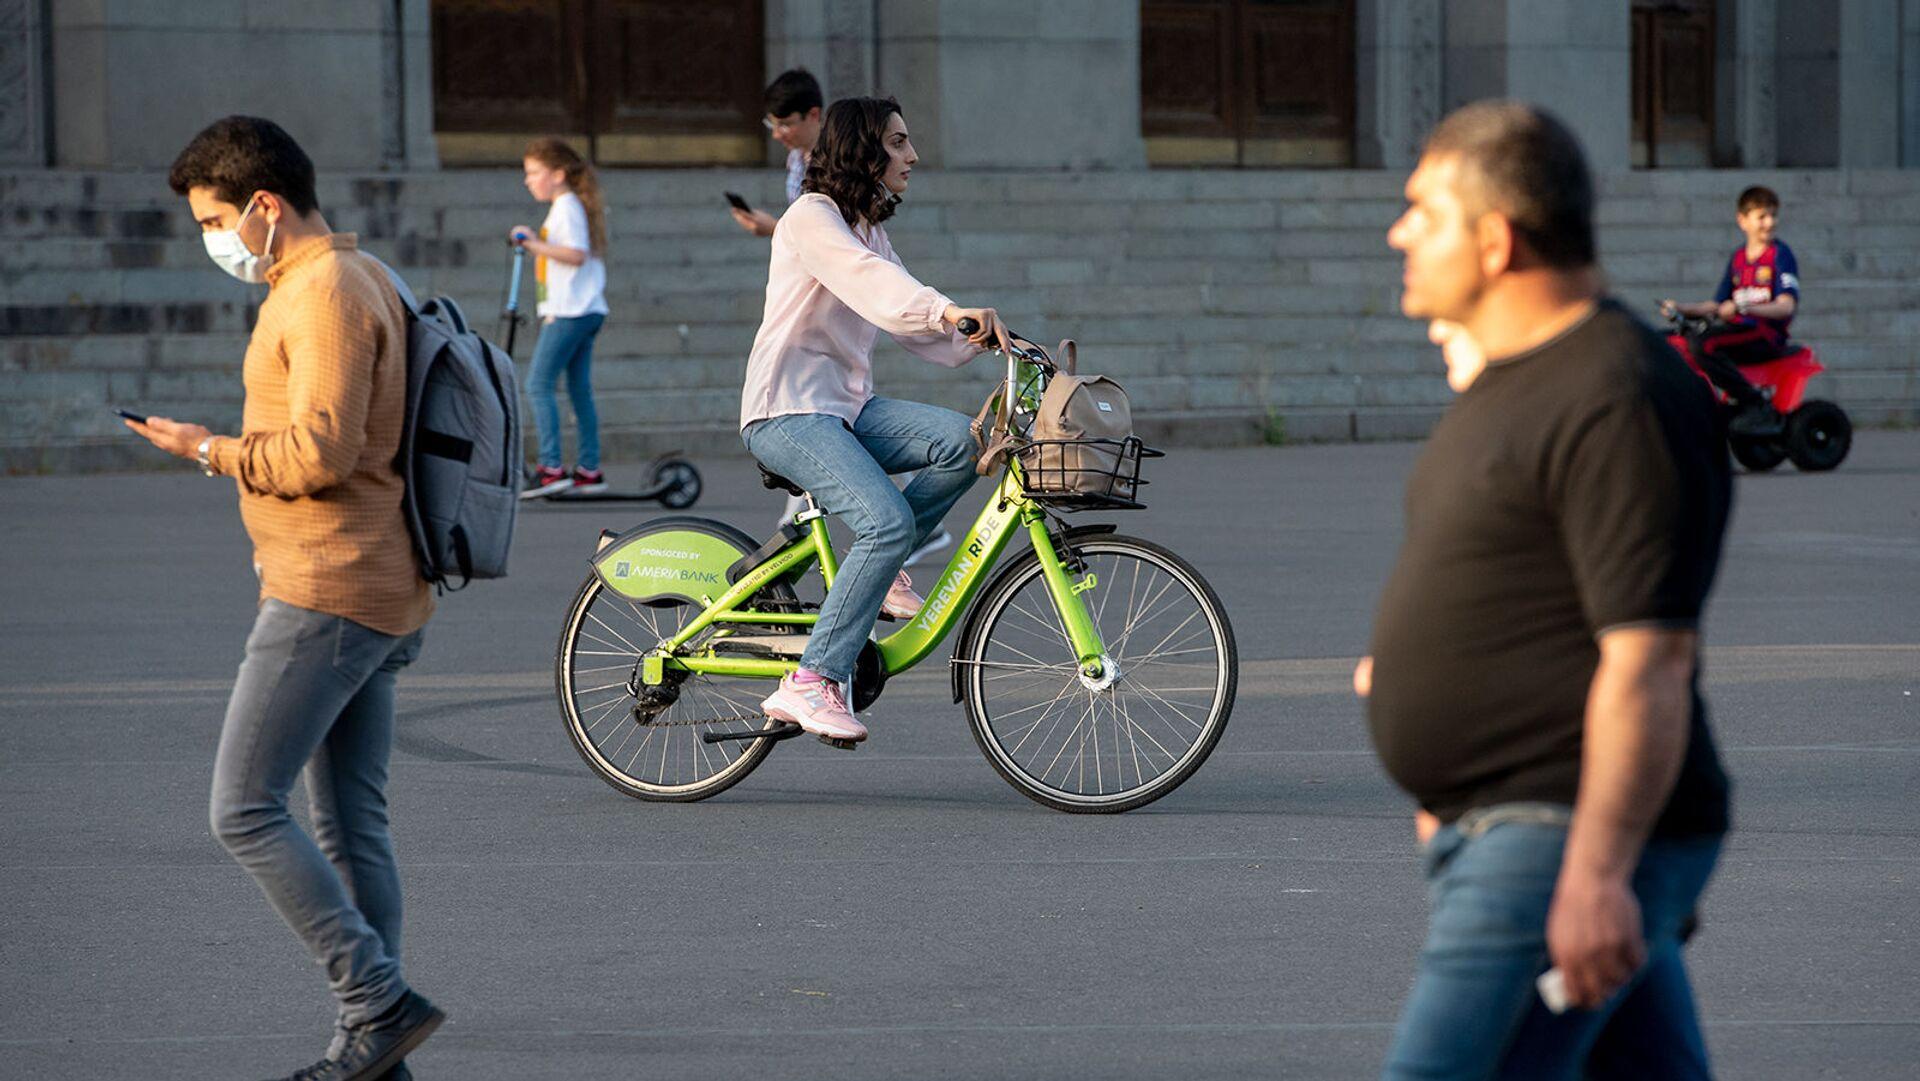 Девушка катается на велосипеде Yerevan Ride - Sputnik Արմենիա, 1920, 19.09.2021